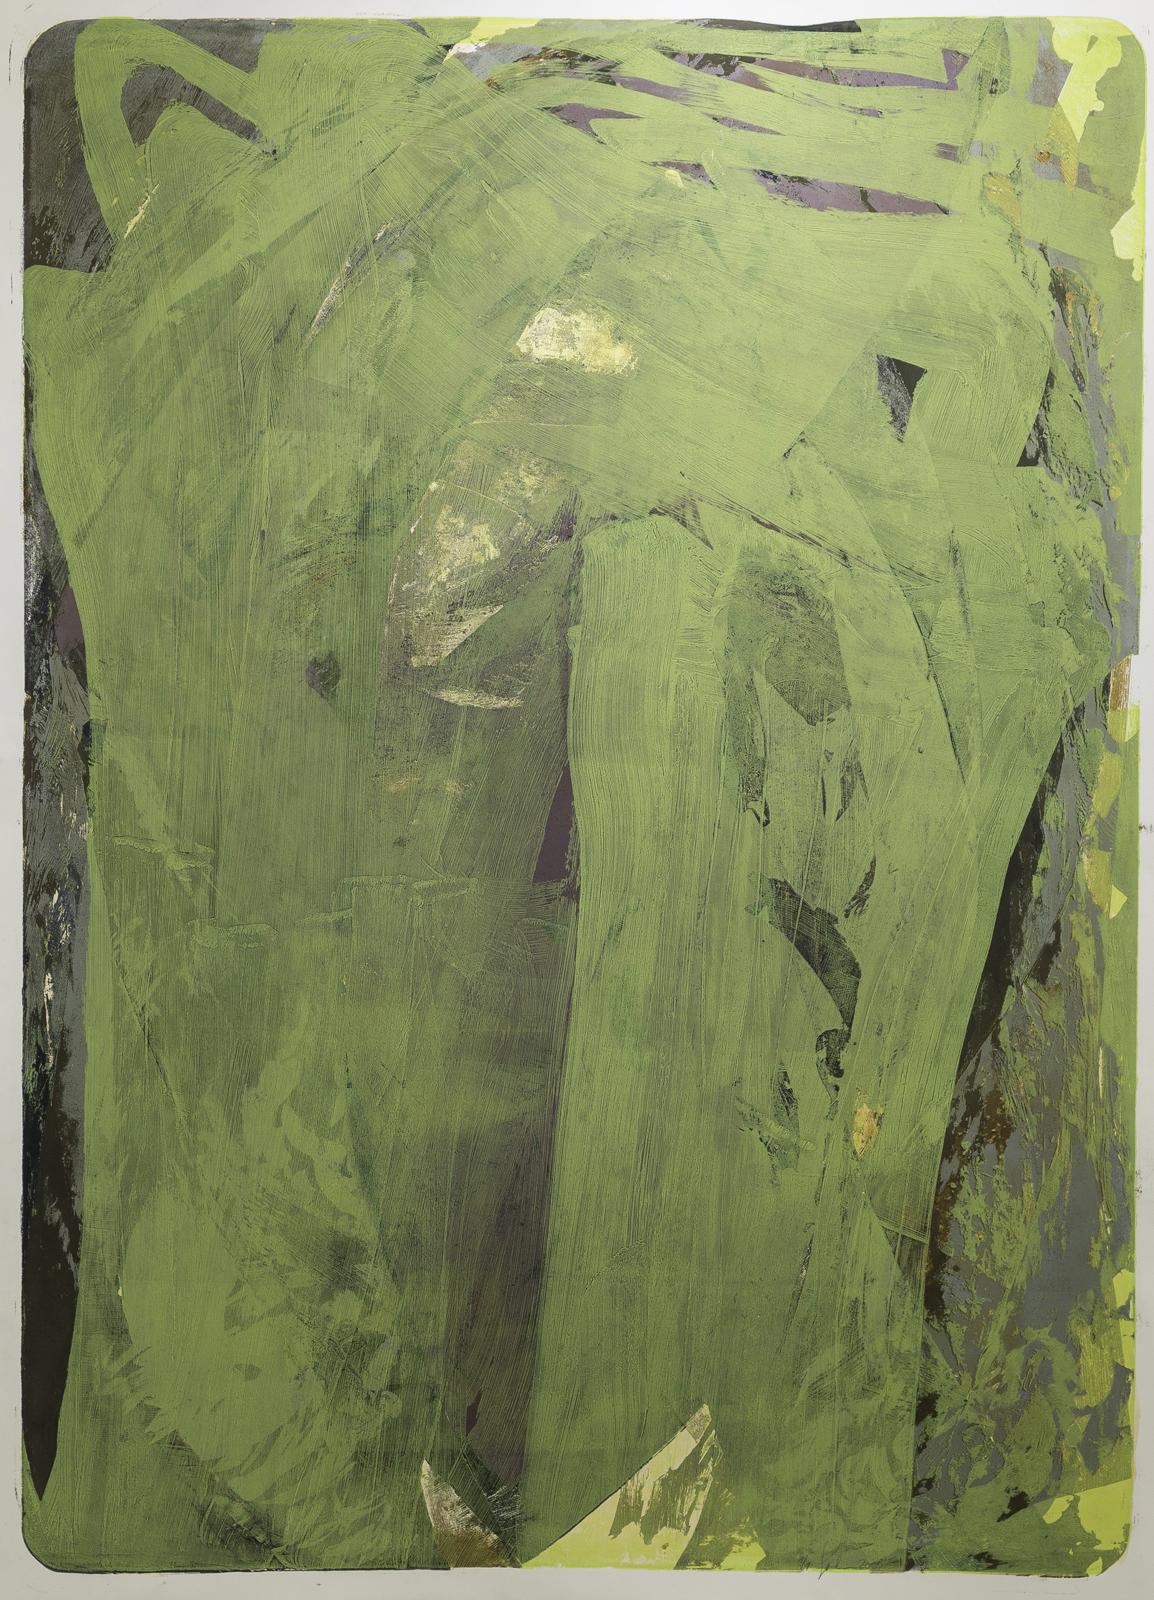 Palimpsest 2, 1996/2020, Lithographie, gelb, 177x124cm